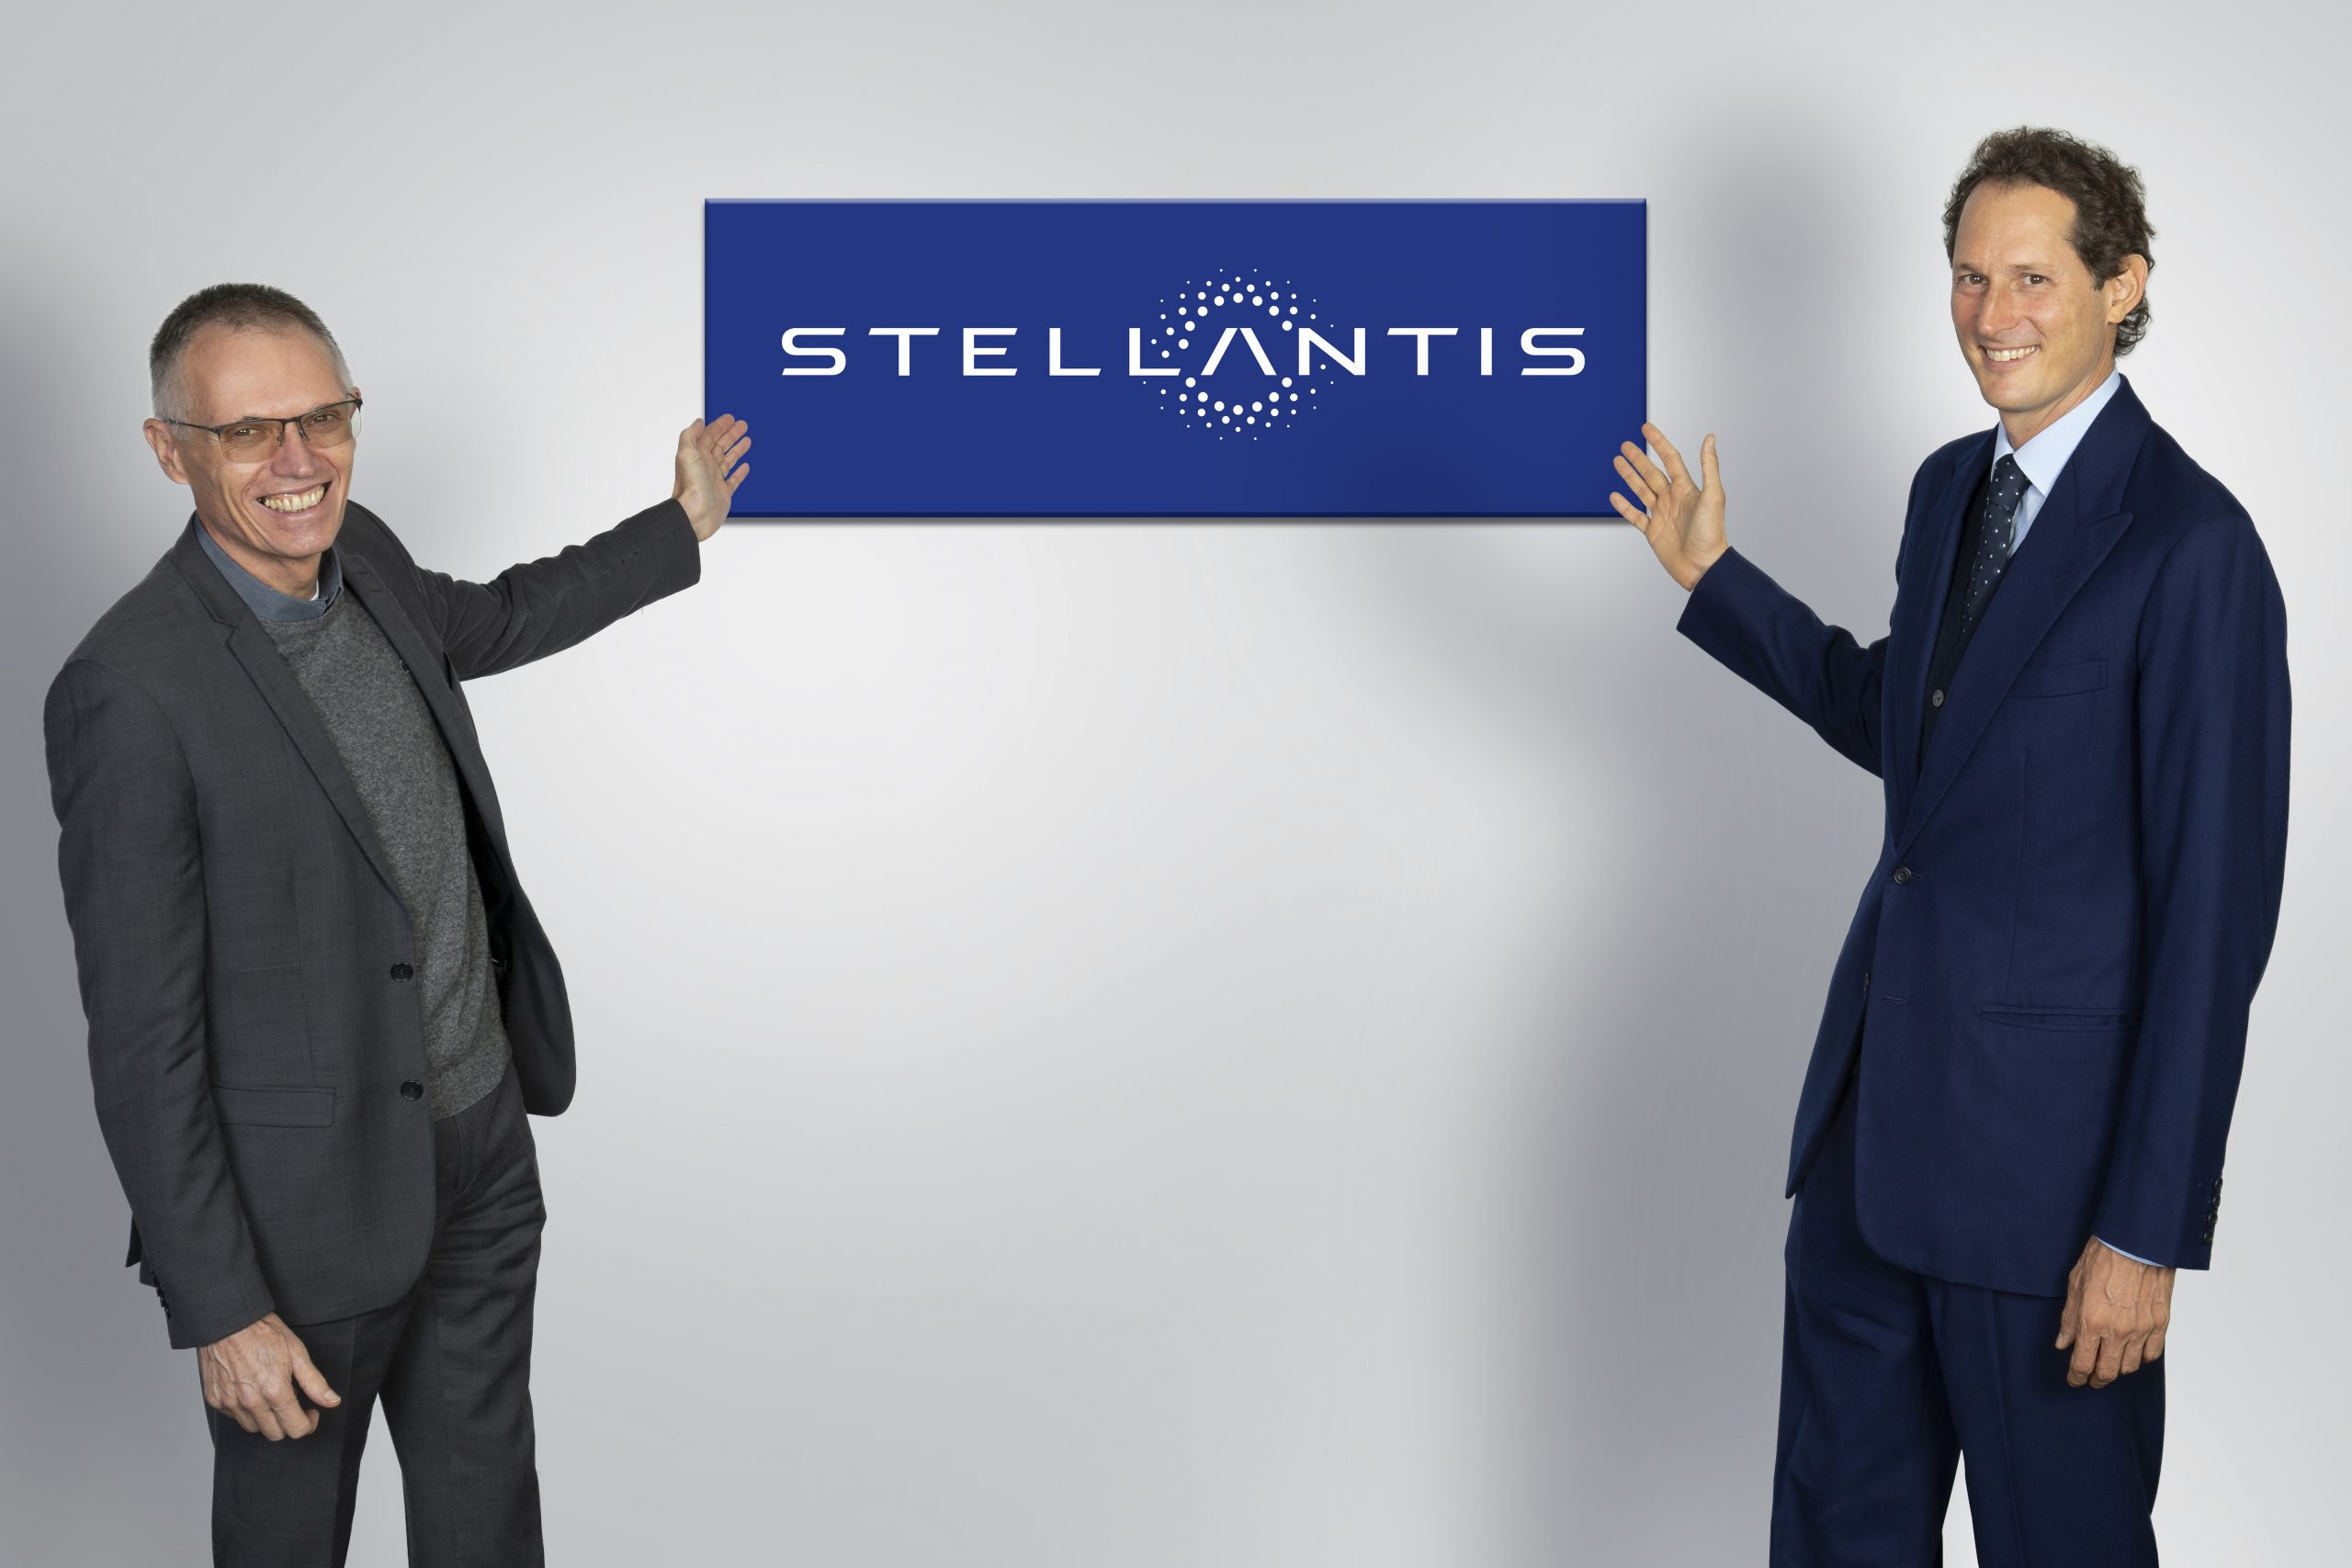 Stellantis: рождение мирового лидера в области экологичной мобильности